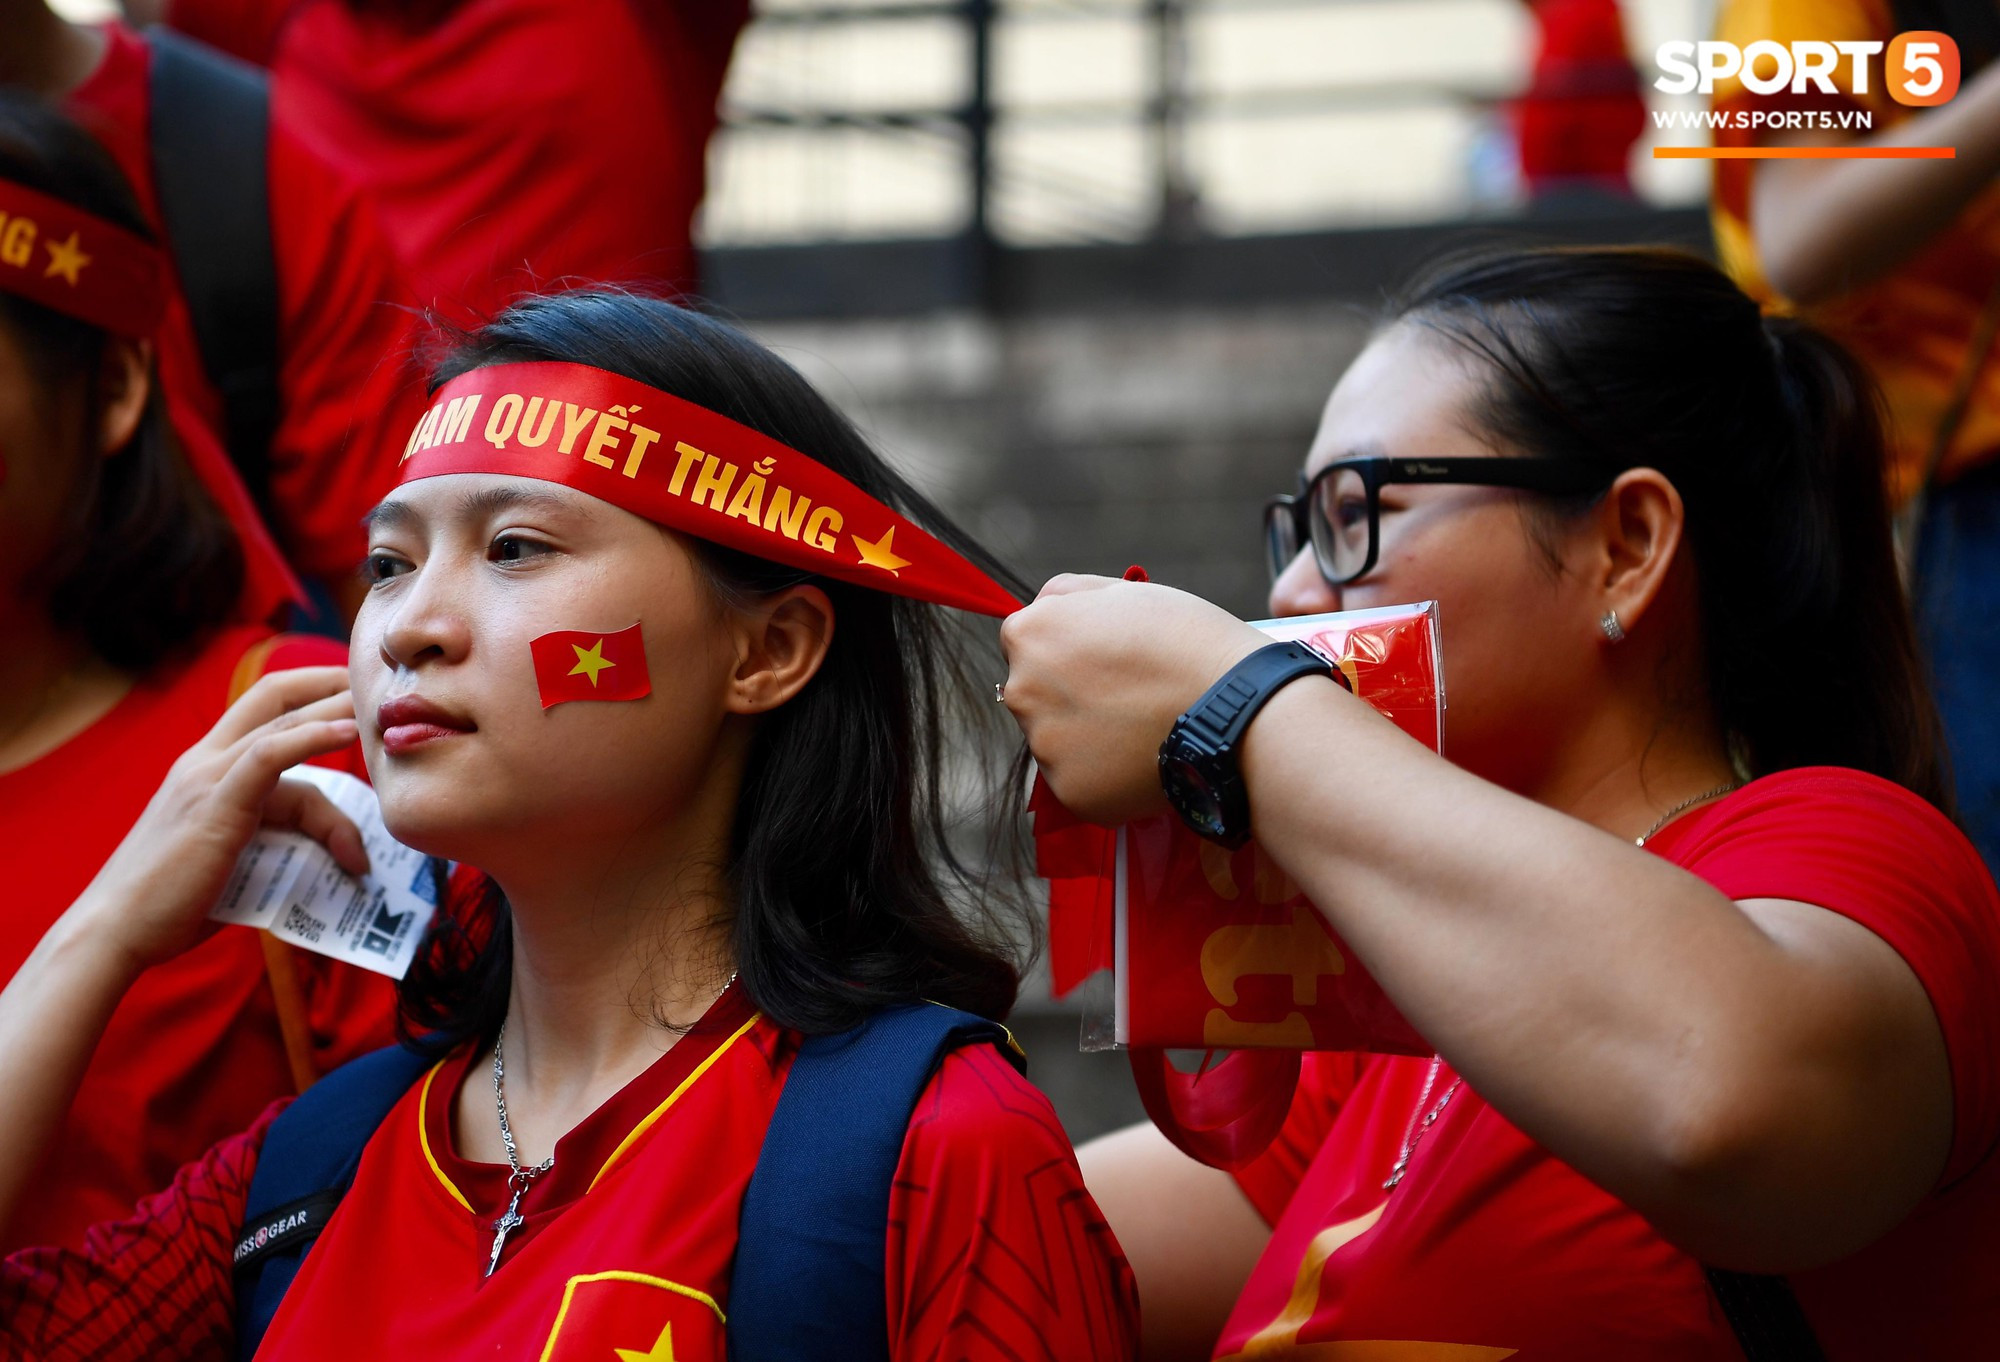 Hoàng thượng Hàn Quốc ghé cỗ vũ đội tuyển, fangirl Việt Nam chu đáo chăm sóc